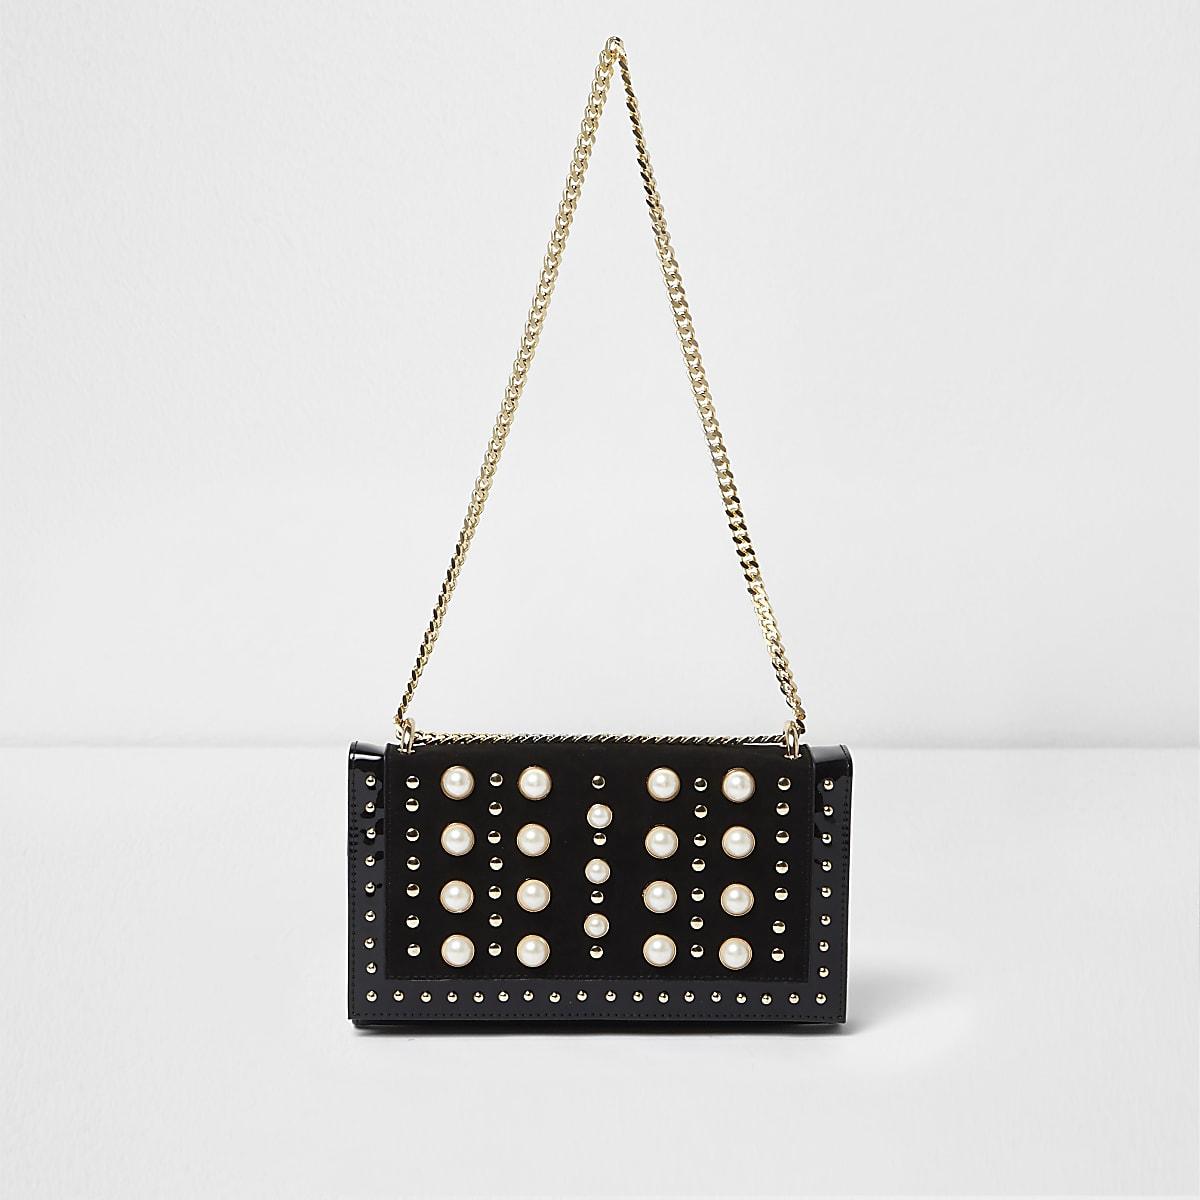 Sac noir orné de clous et de perles avec chaîne